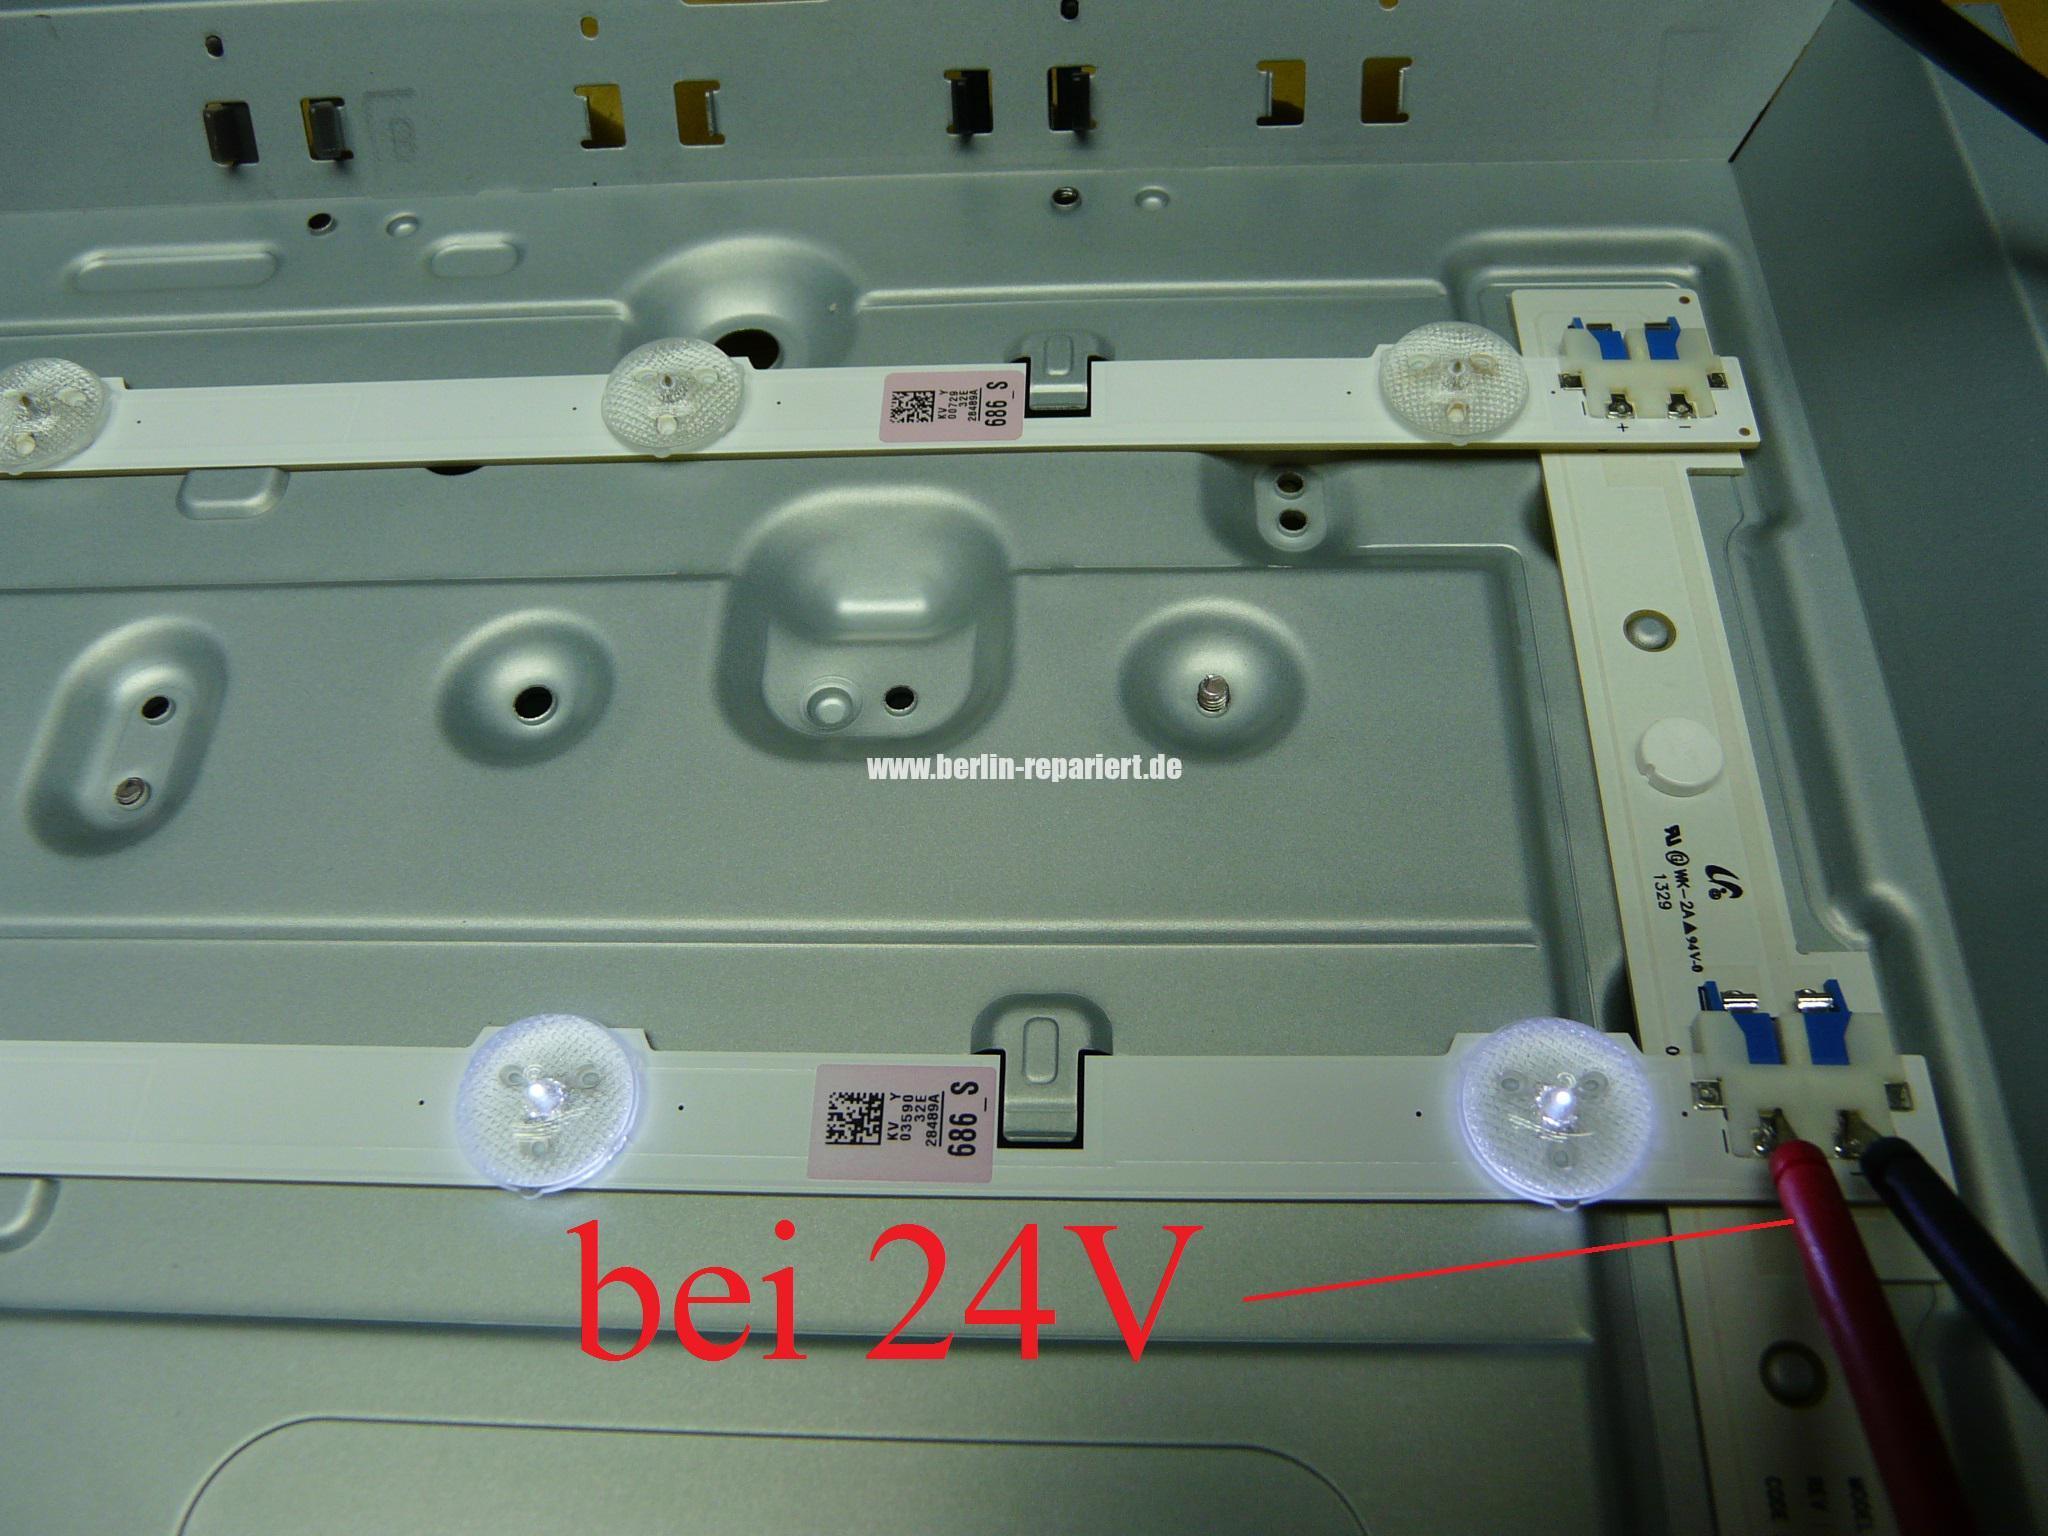 Nett Samsung Kühlschrank Garantie Ideen - Die Designideen für ...